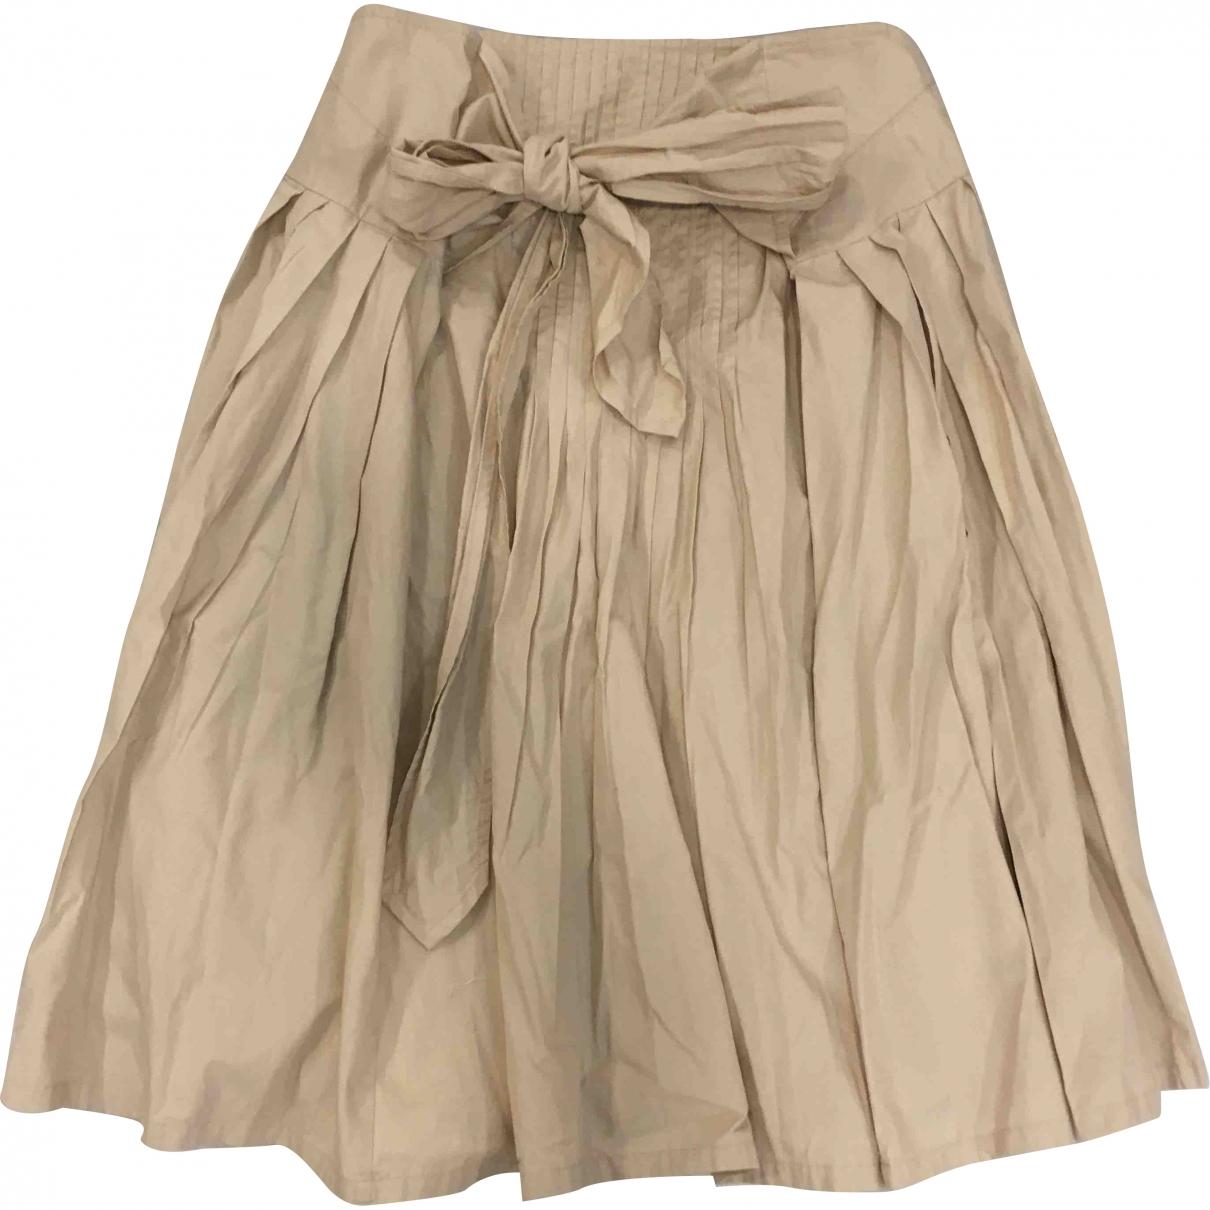 Dries Van Noten \N Beige Cotton skirt for Women 36 FR